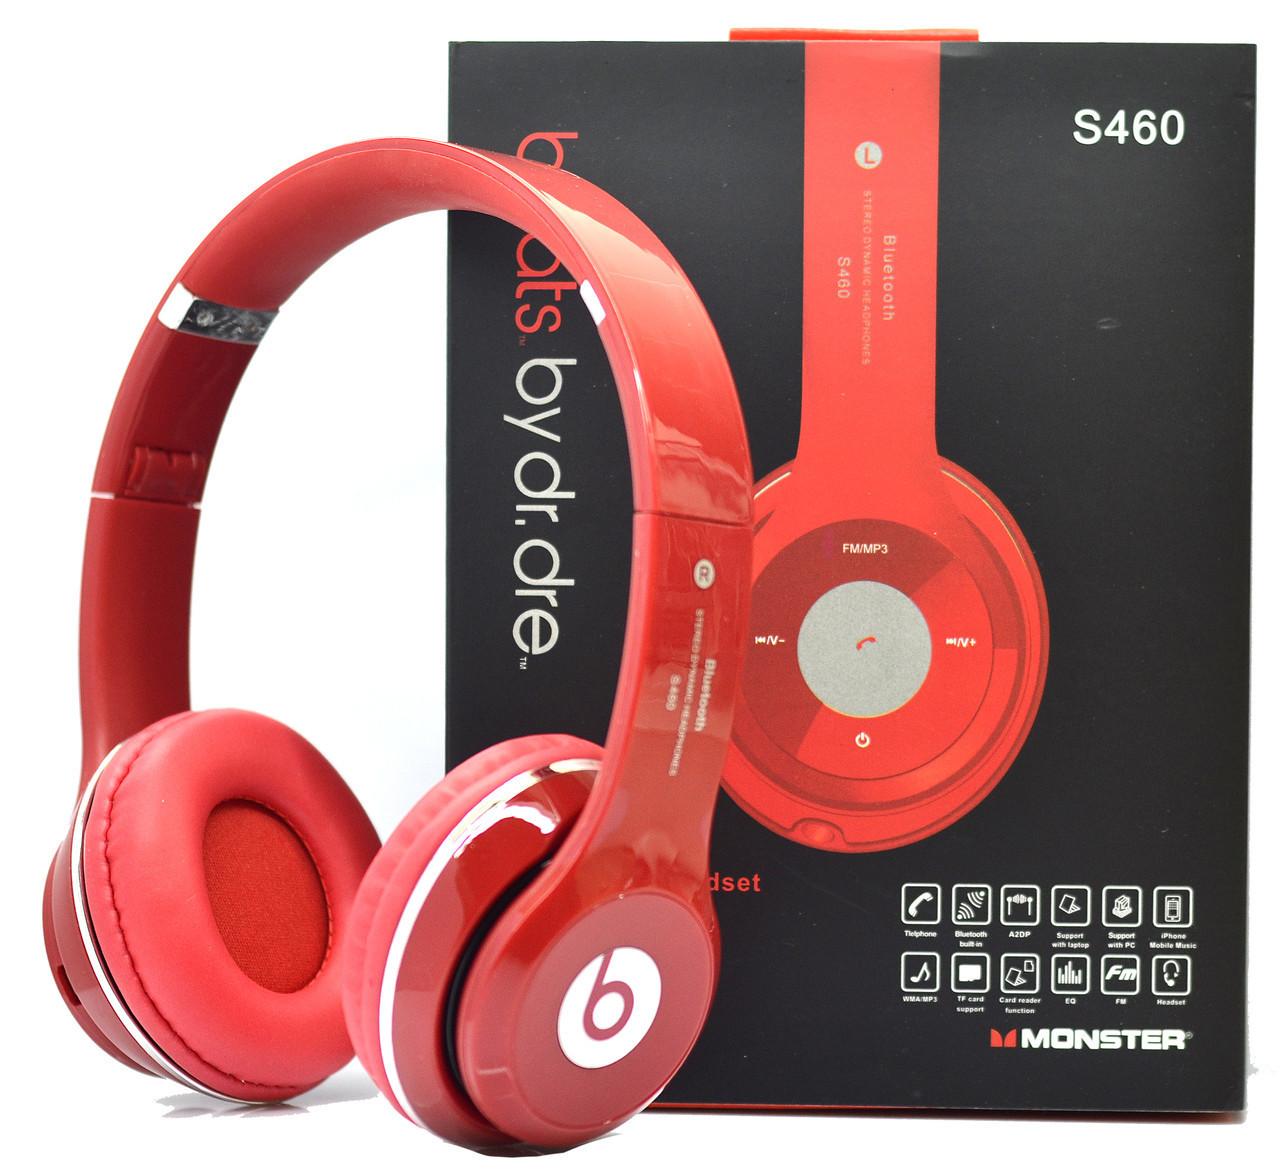 Беспроводные наушники Beats Solo HD S460 Bluetooth с MP3 плеером красные  реплика f7105e68b5ea1